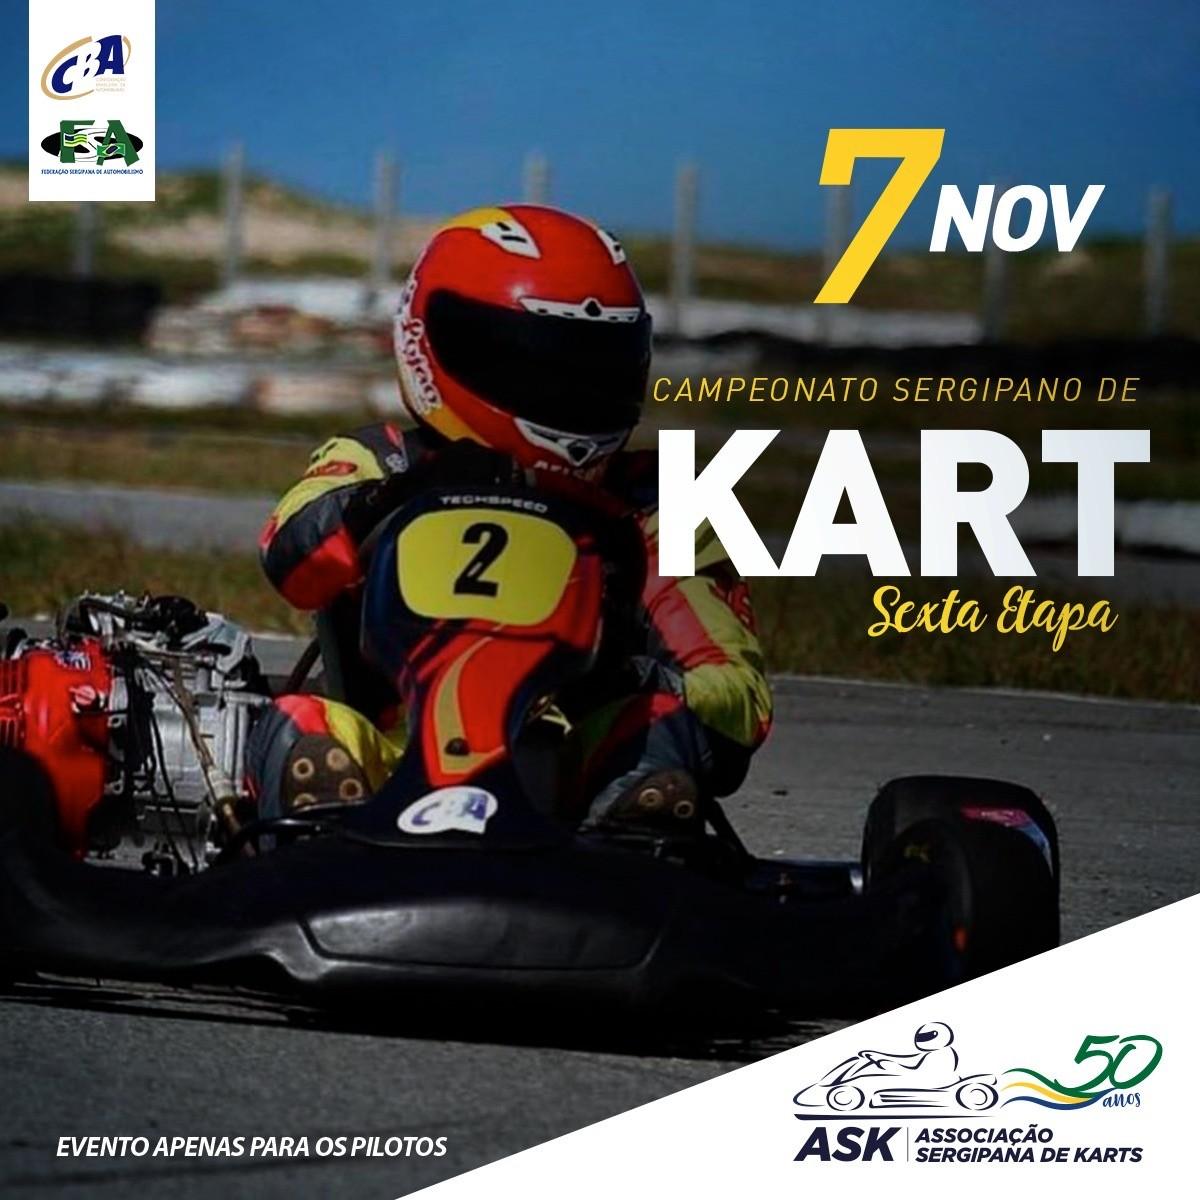 6ª etapa do Campeonato Sergipano de Kart acontece neste sábado, 7 de novembro (Imagem: Divulgação)